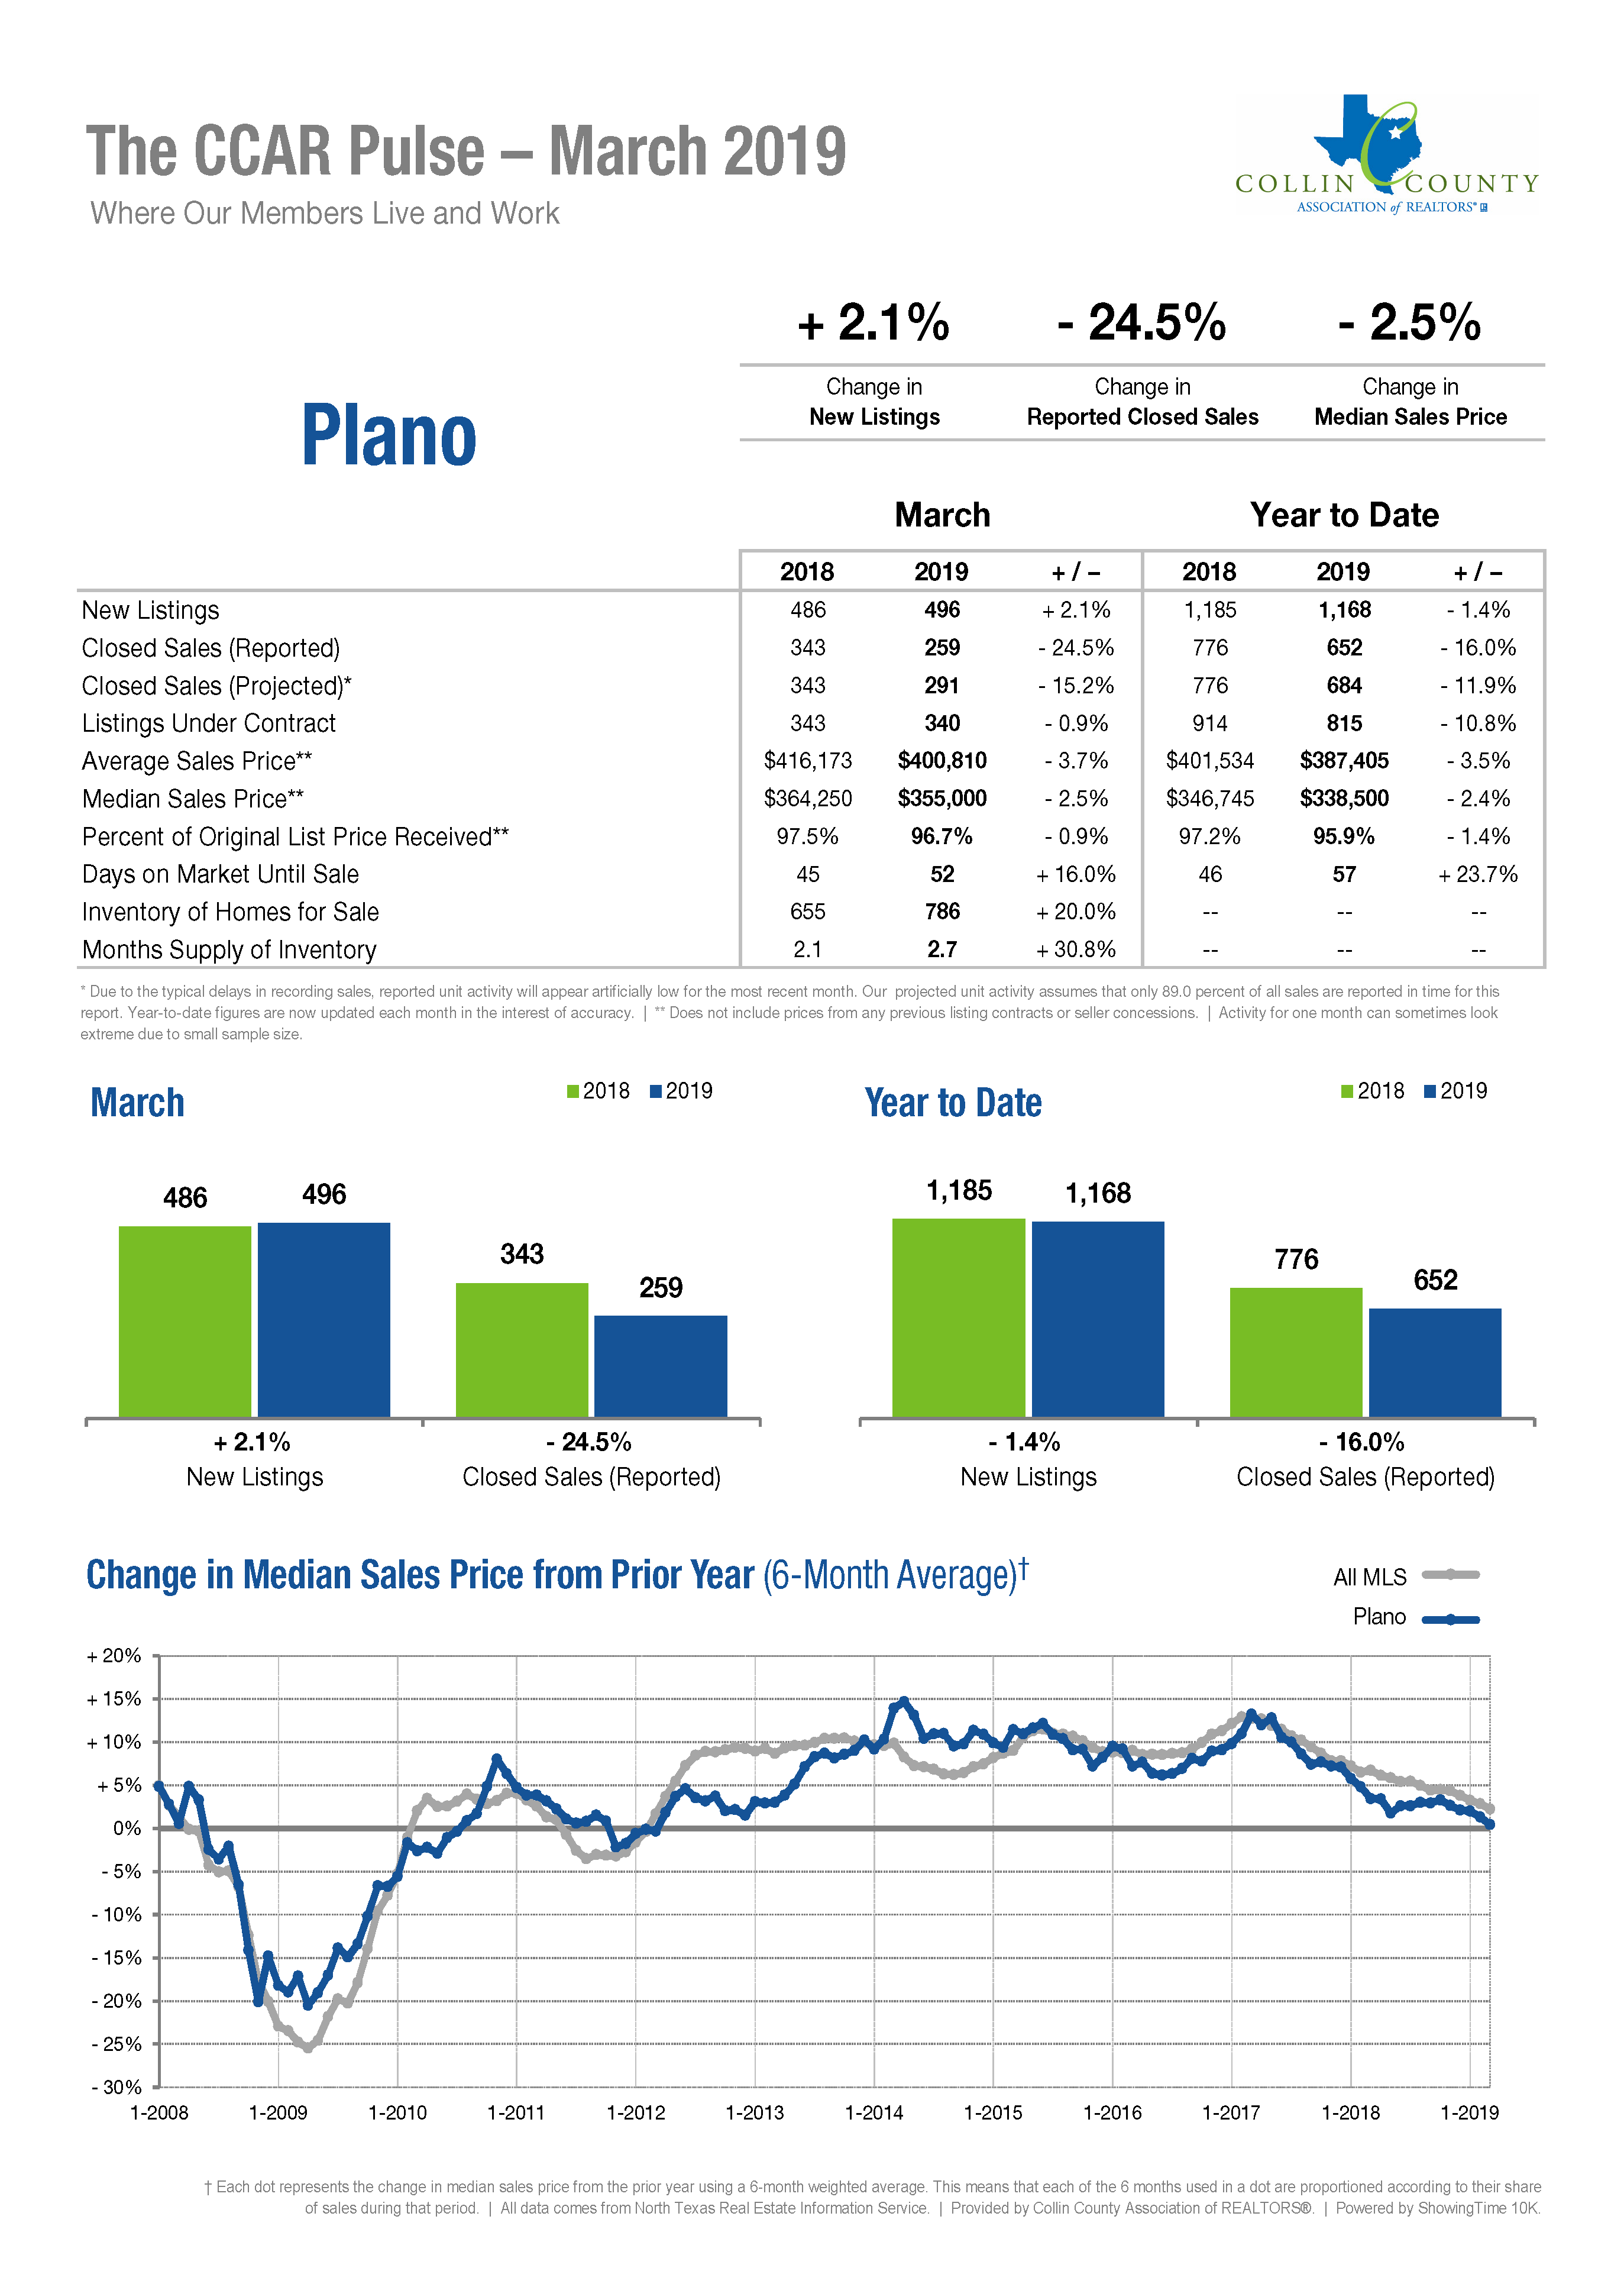 Plano Real Estate Market Statistics - March 2019